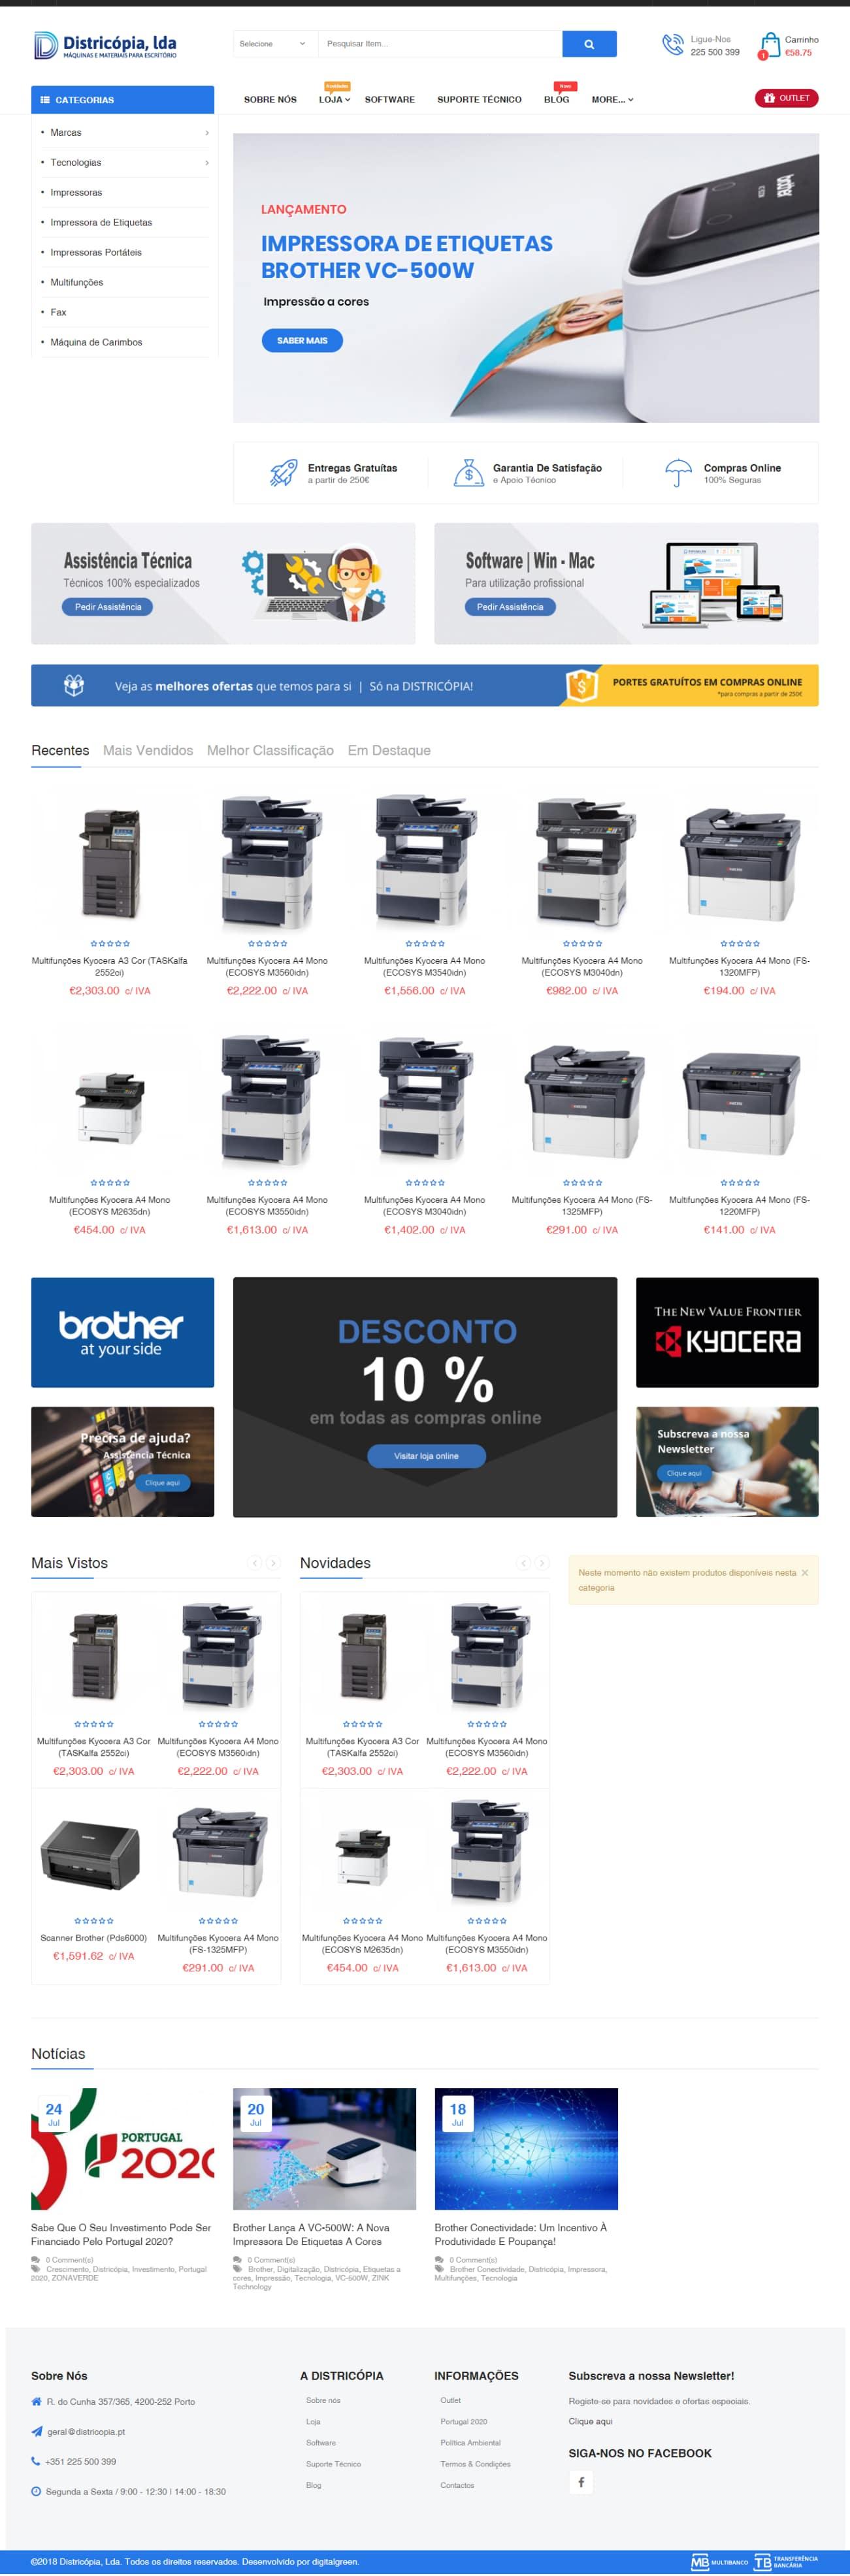 10-websites-inspiradores-em-2018-crie-a-nova-casa-digital-da-sua-marca-districopia-digitalgreen